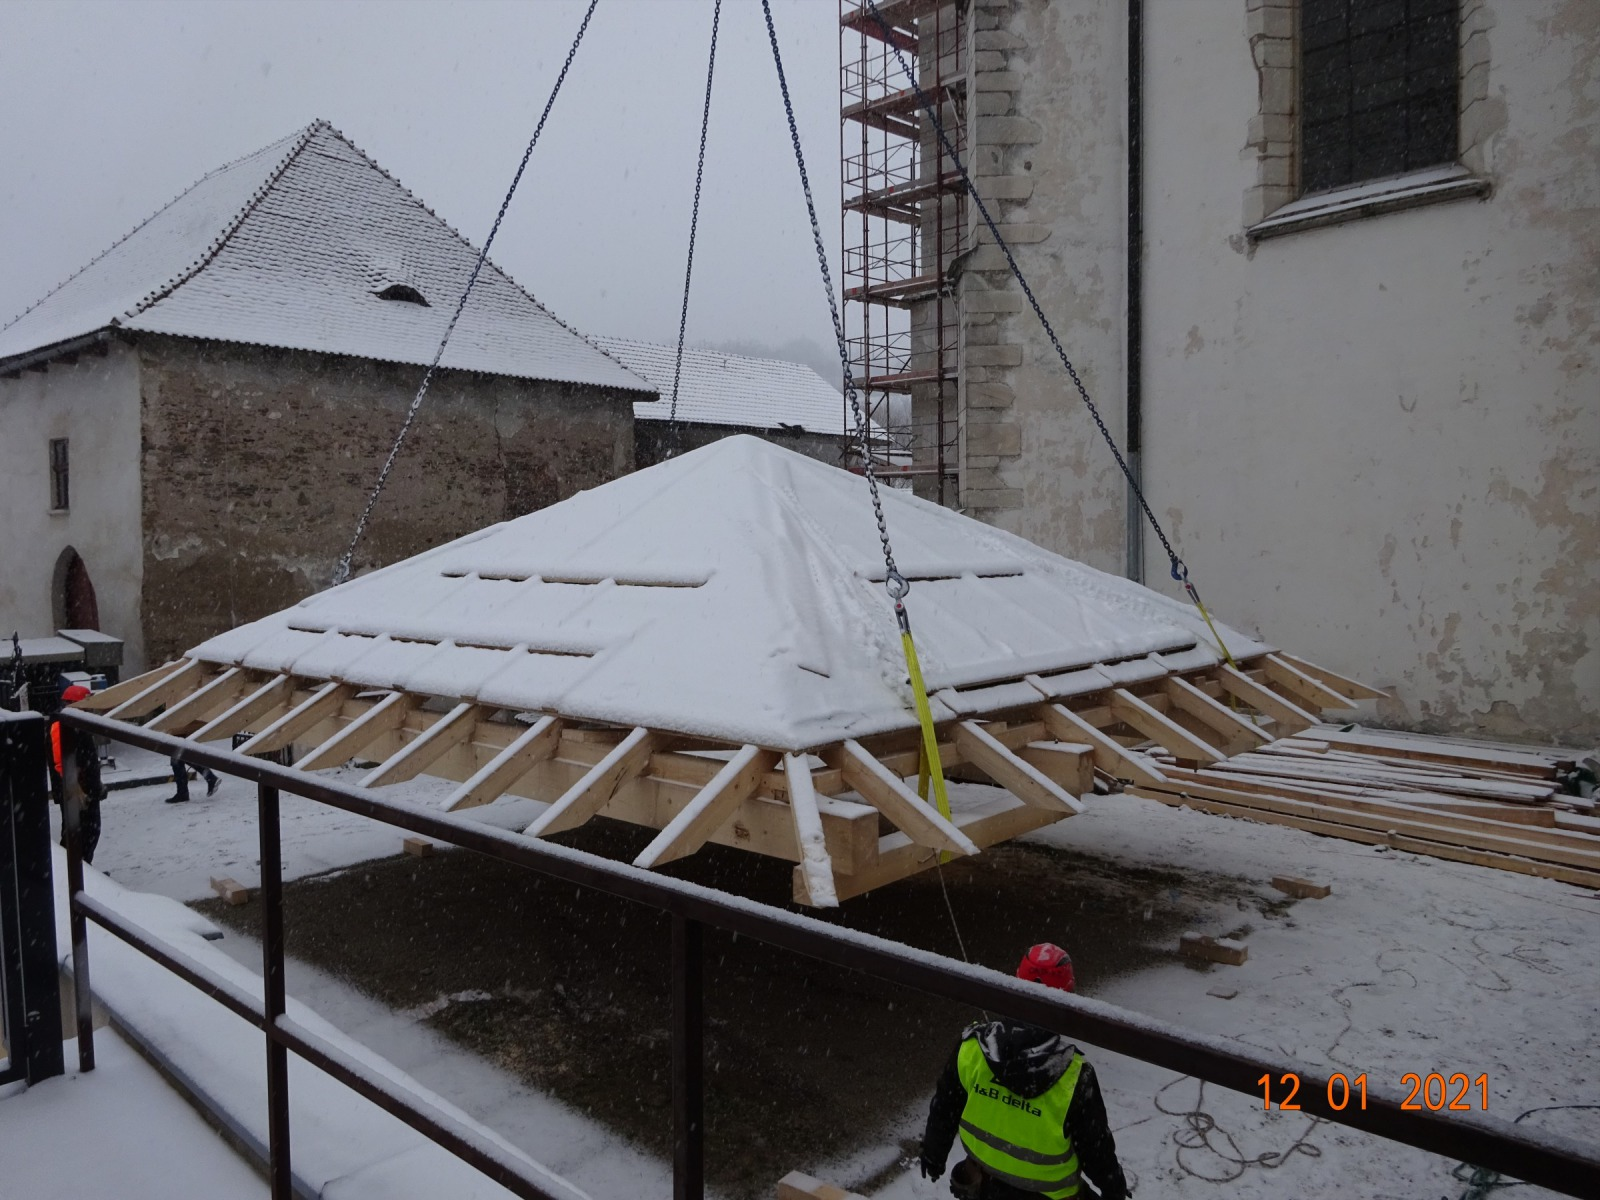 Zvedání dočasné střechy věže pro usazení na věž.